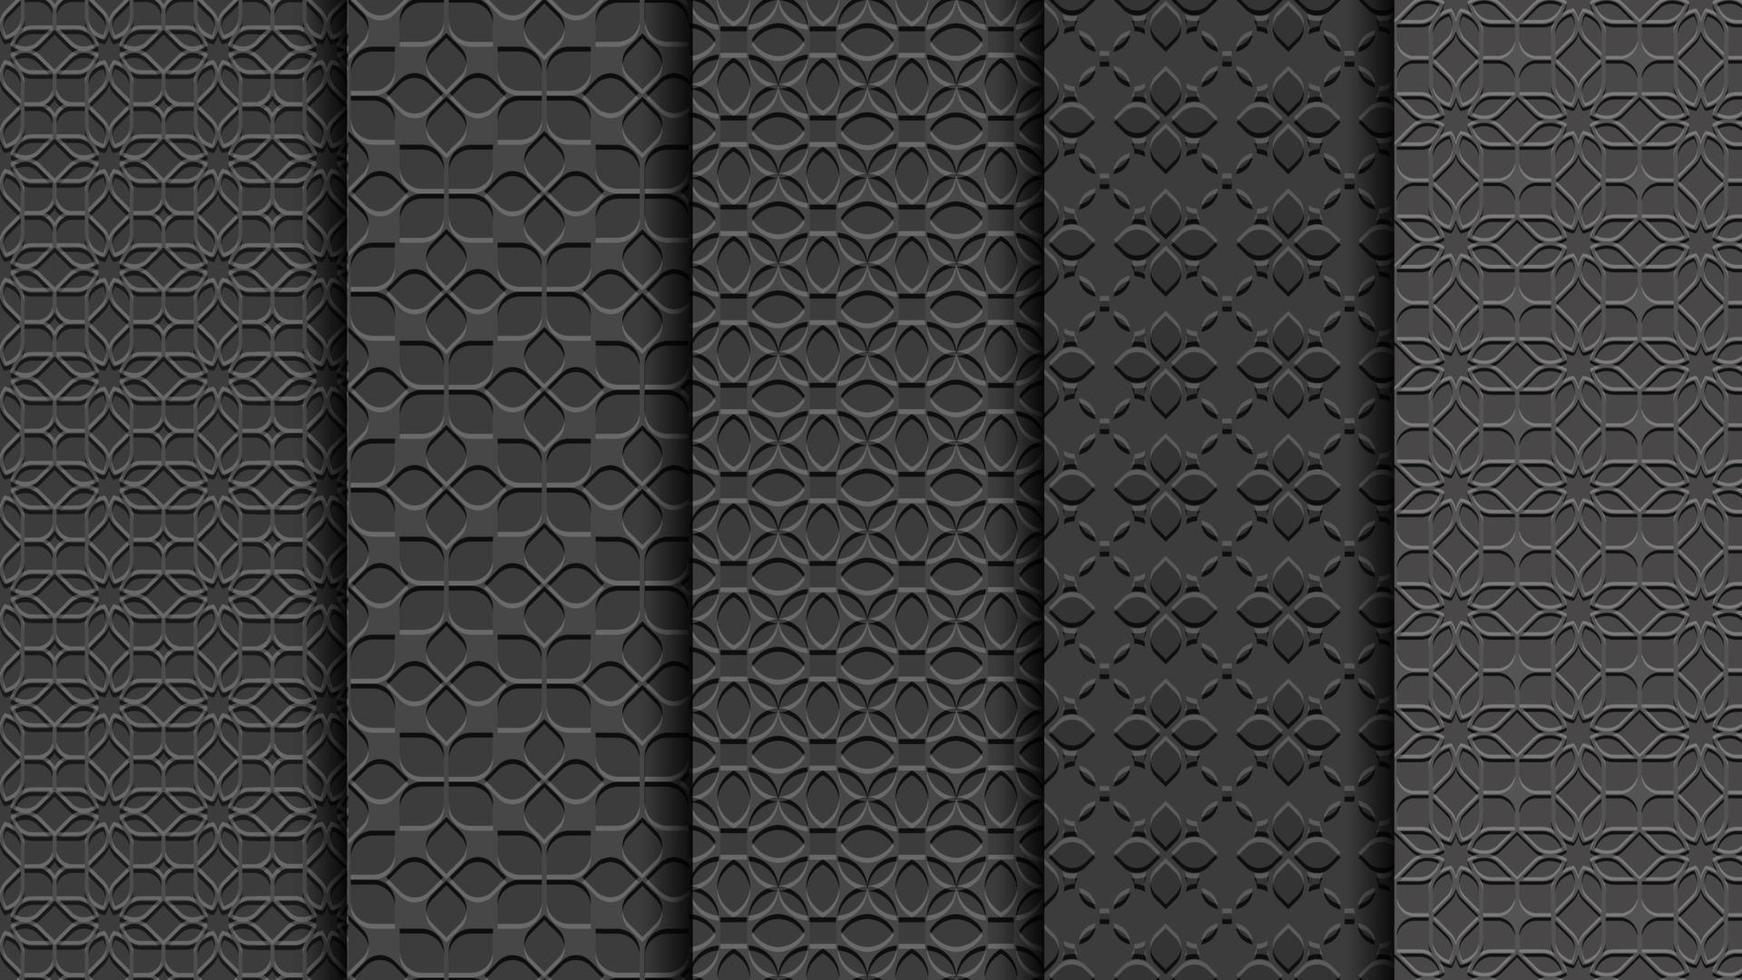 padrões florais pretos sem costura, estilo esculpido, conjunto vetor